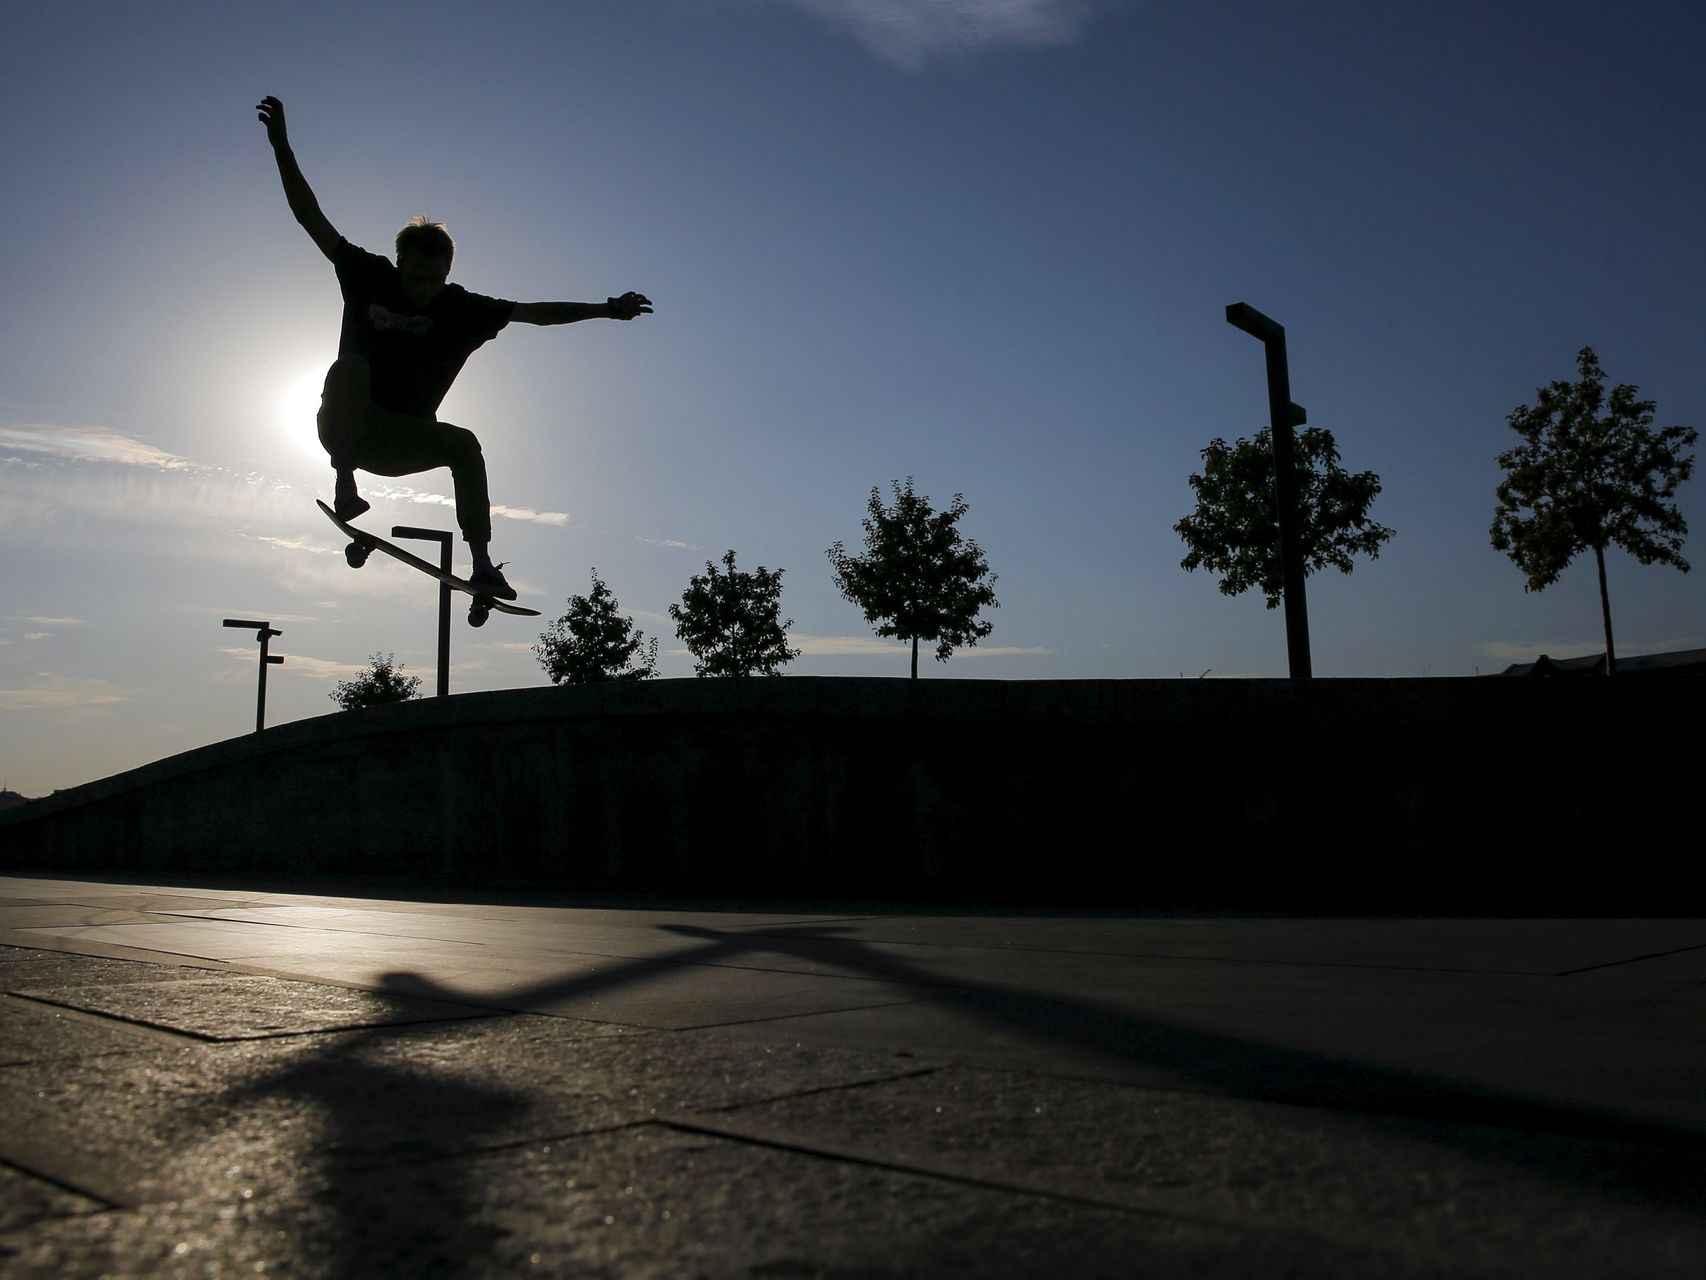 Un 'skater' practica al atardecer